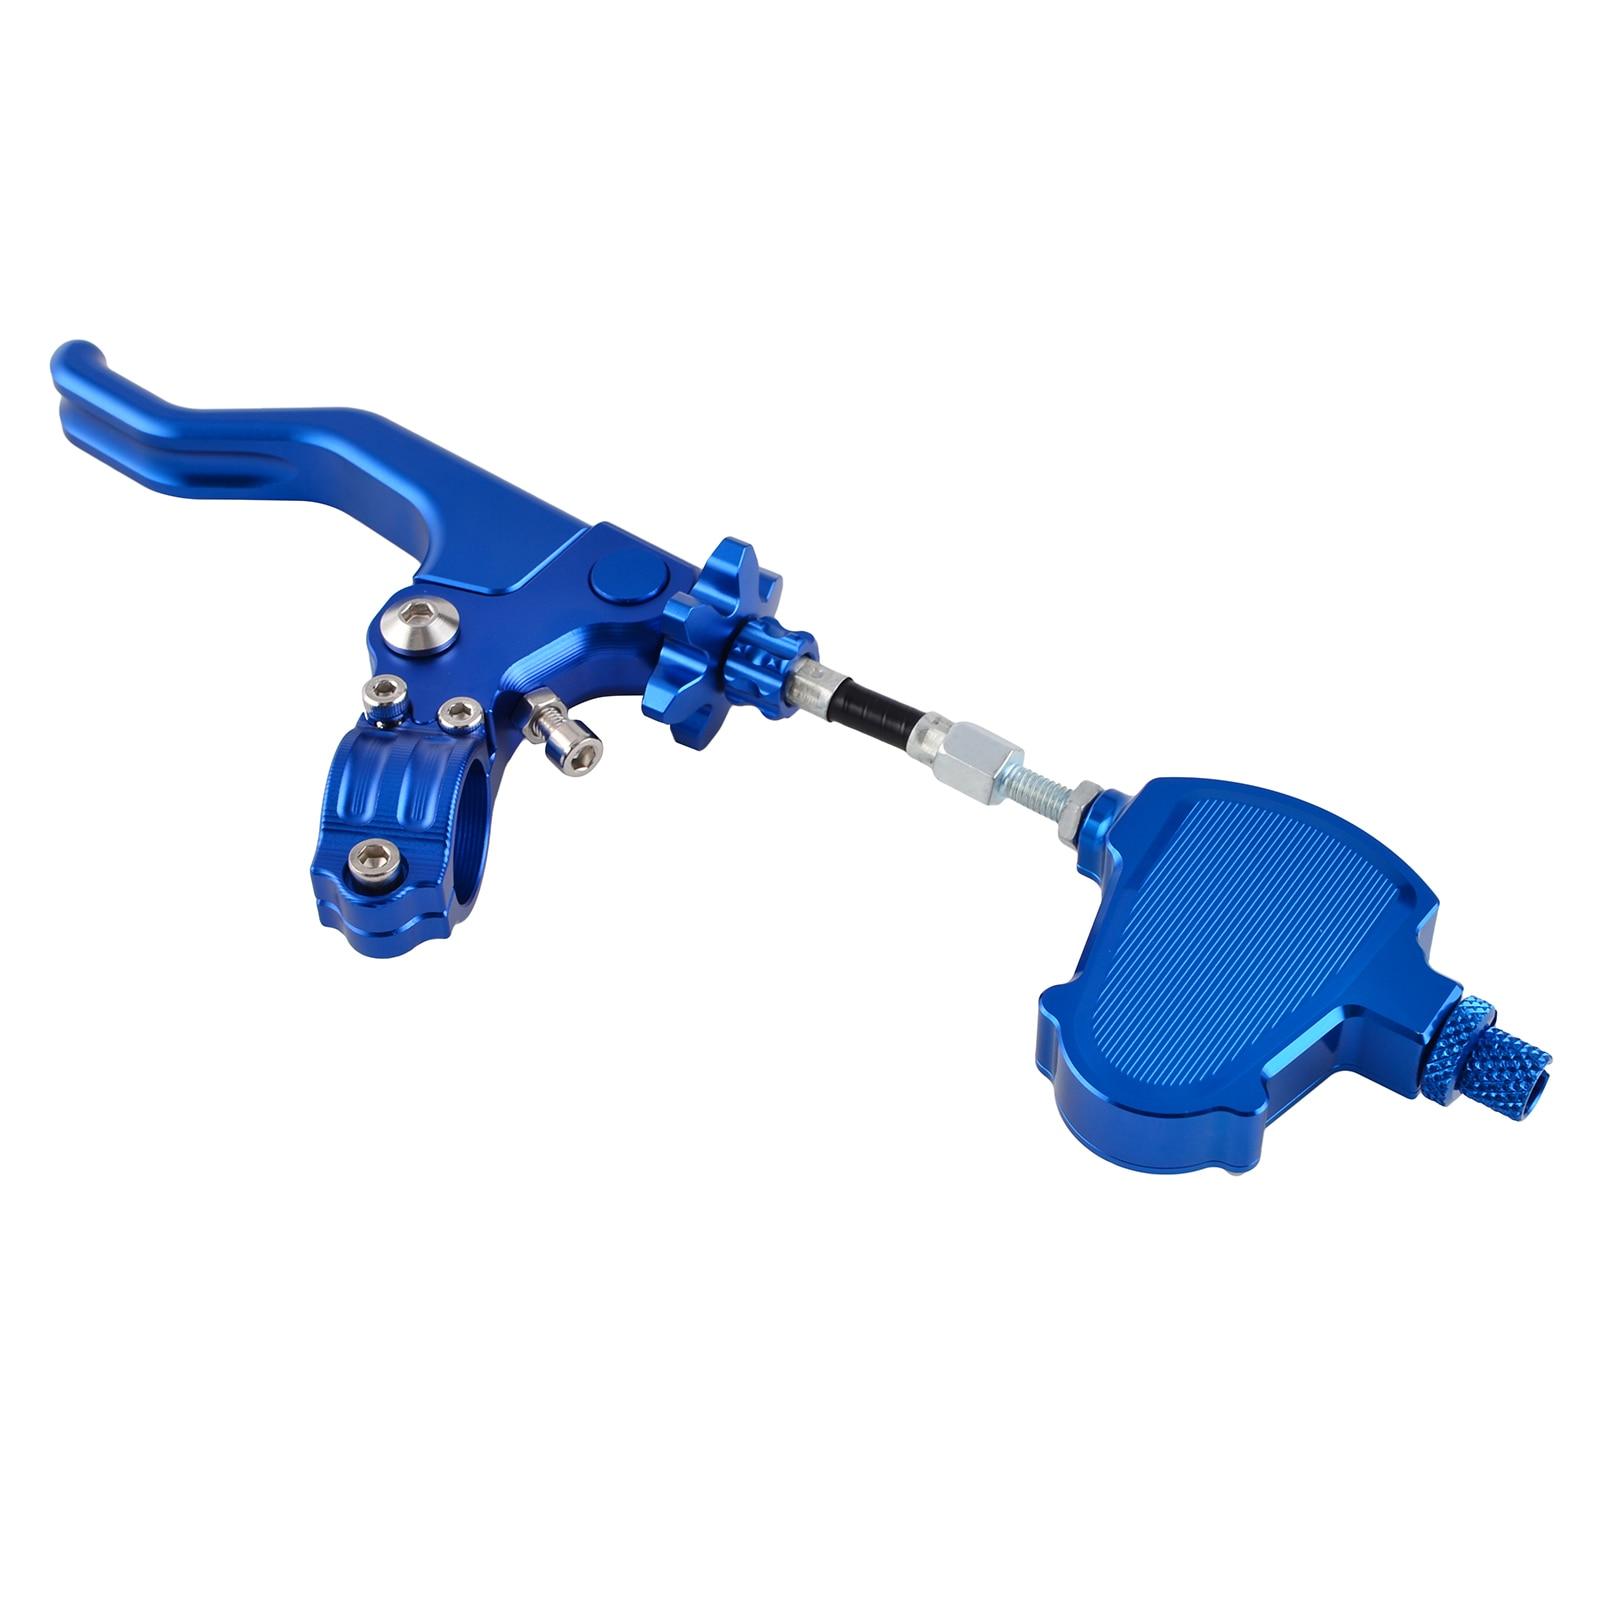 NICECNC 22mm Stunt Clutch Pull Cable Lever For Yamaha YZ 80 85 125 250 125X 250X 250FX 450FX WR 250F 450F 250R TTR 600 XT XTZ